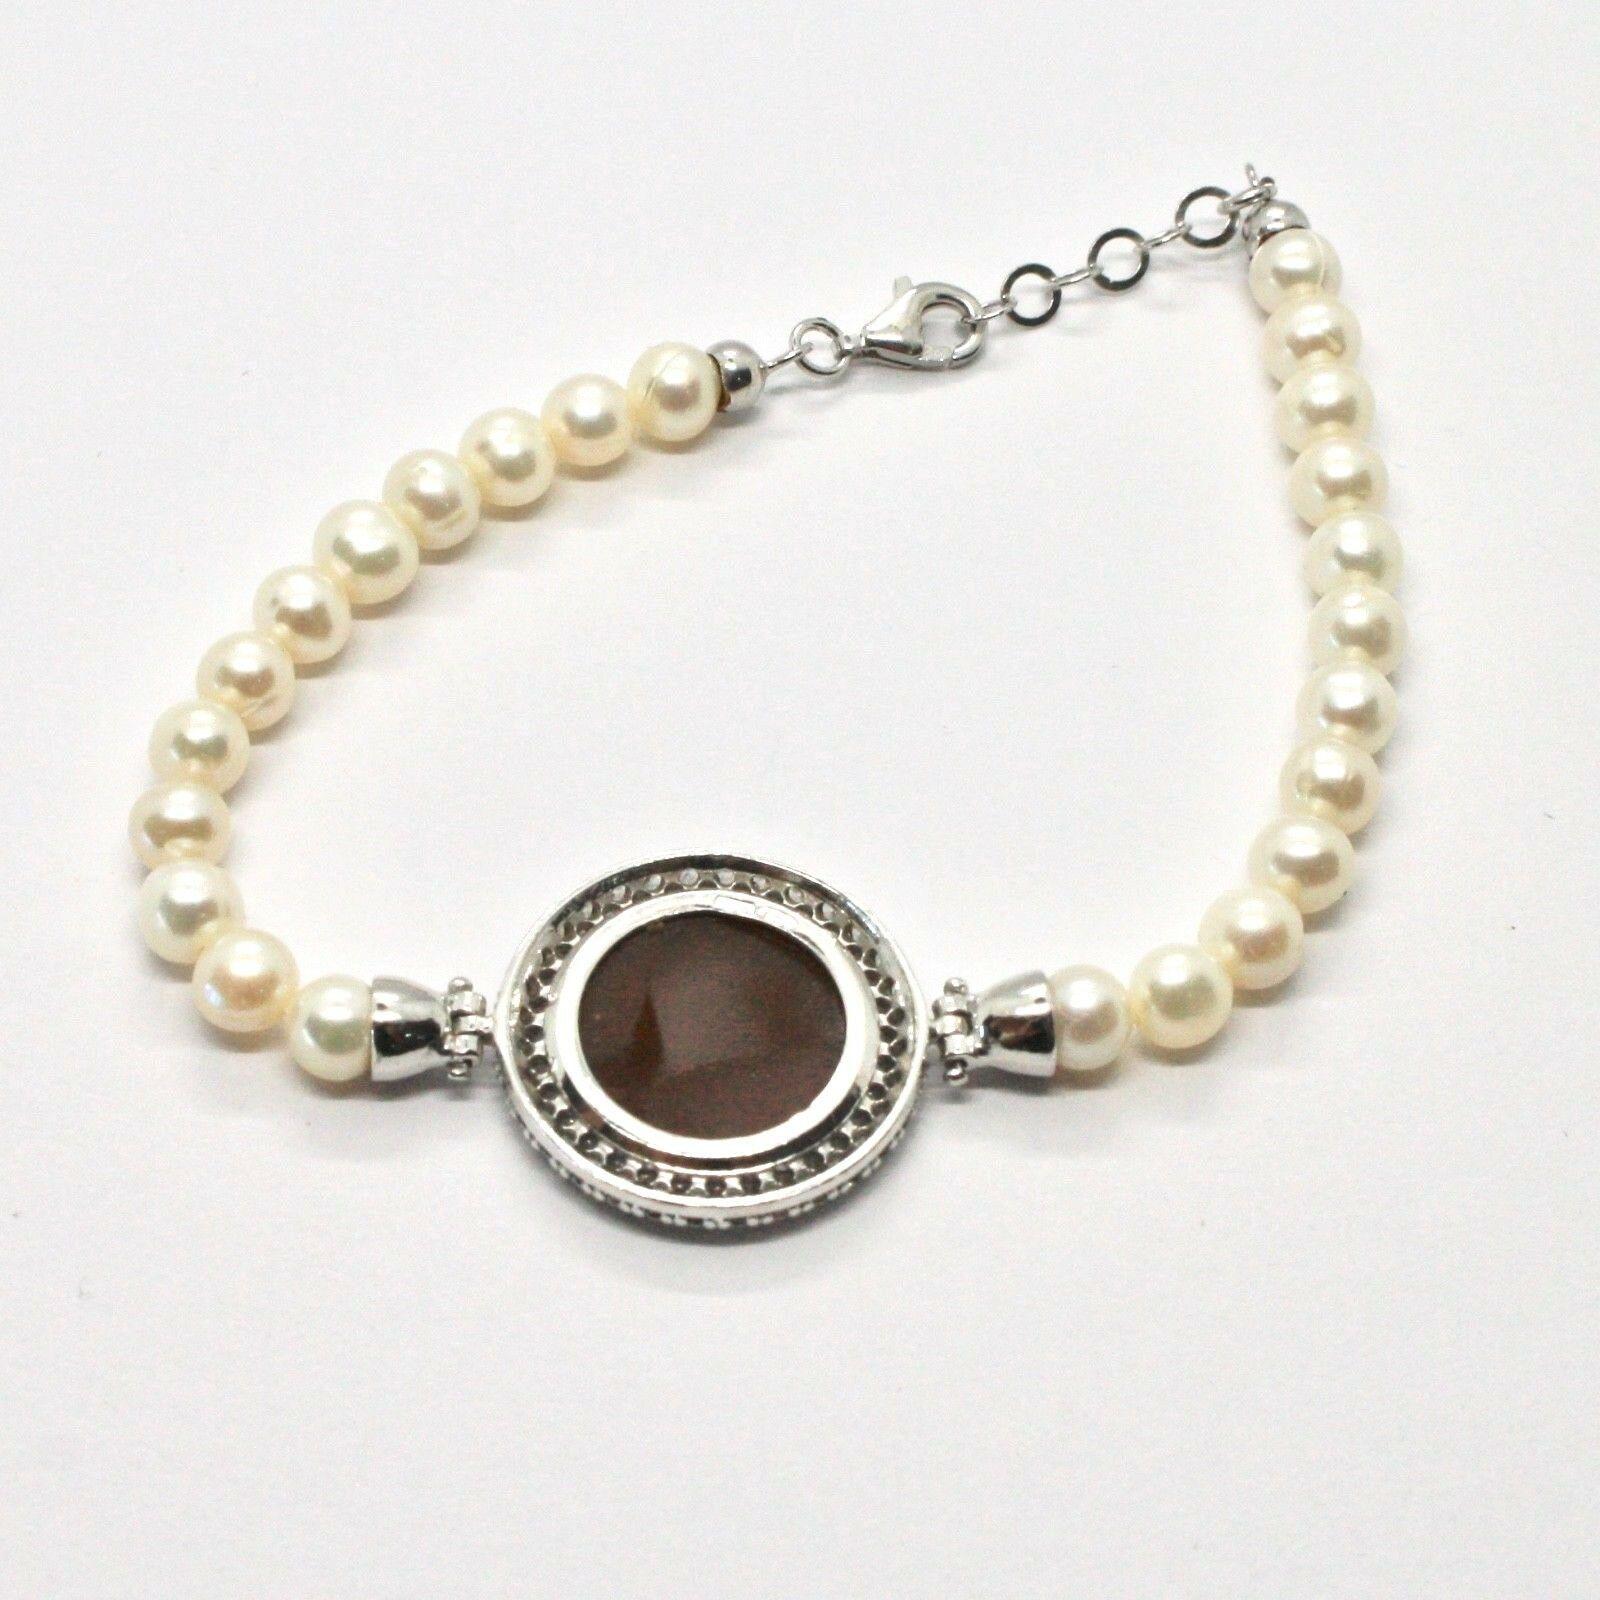 Armband 925 Silber mit Perlen Wasser Dolce Kamee Kamee Zirkonia Kubische image 5